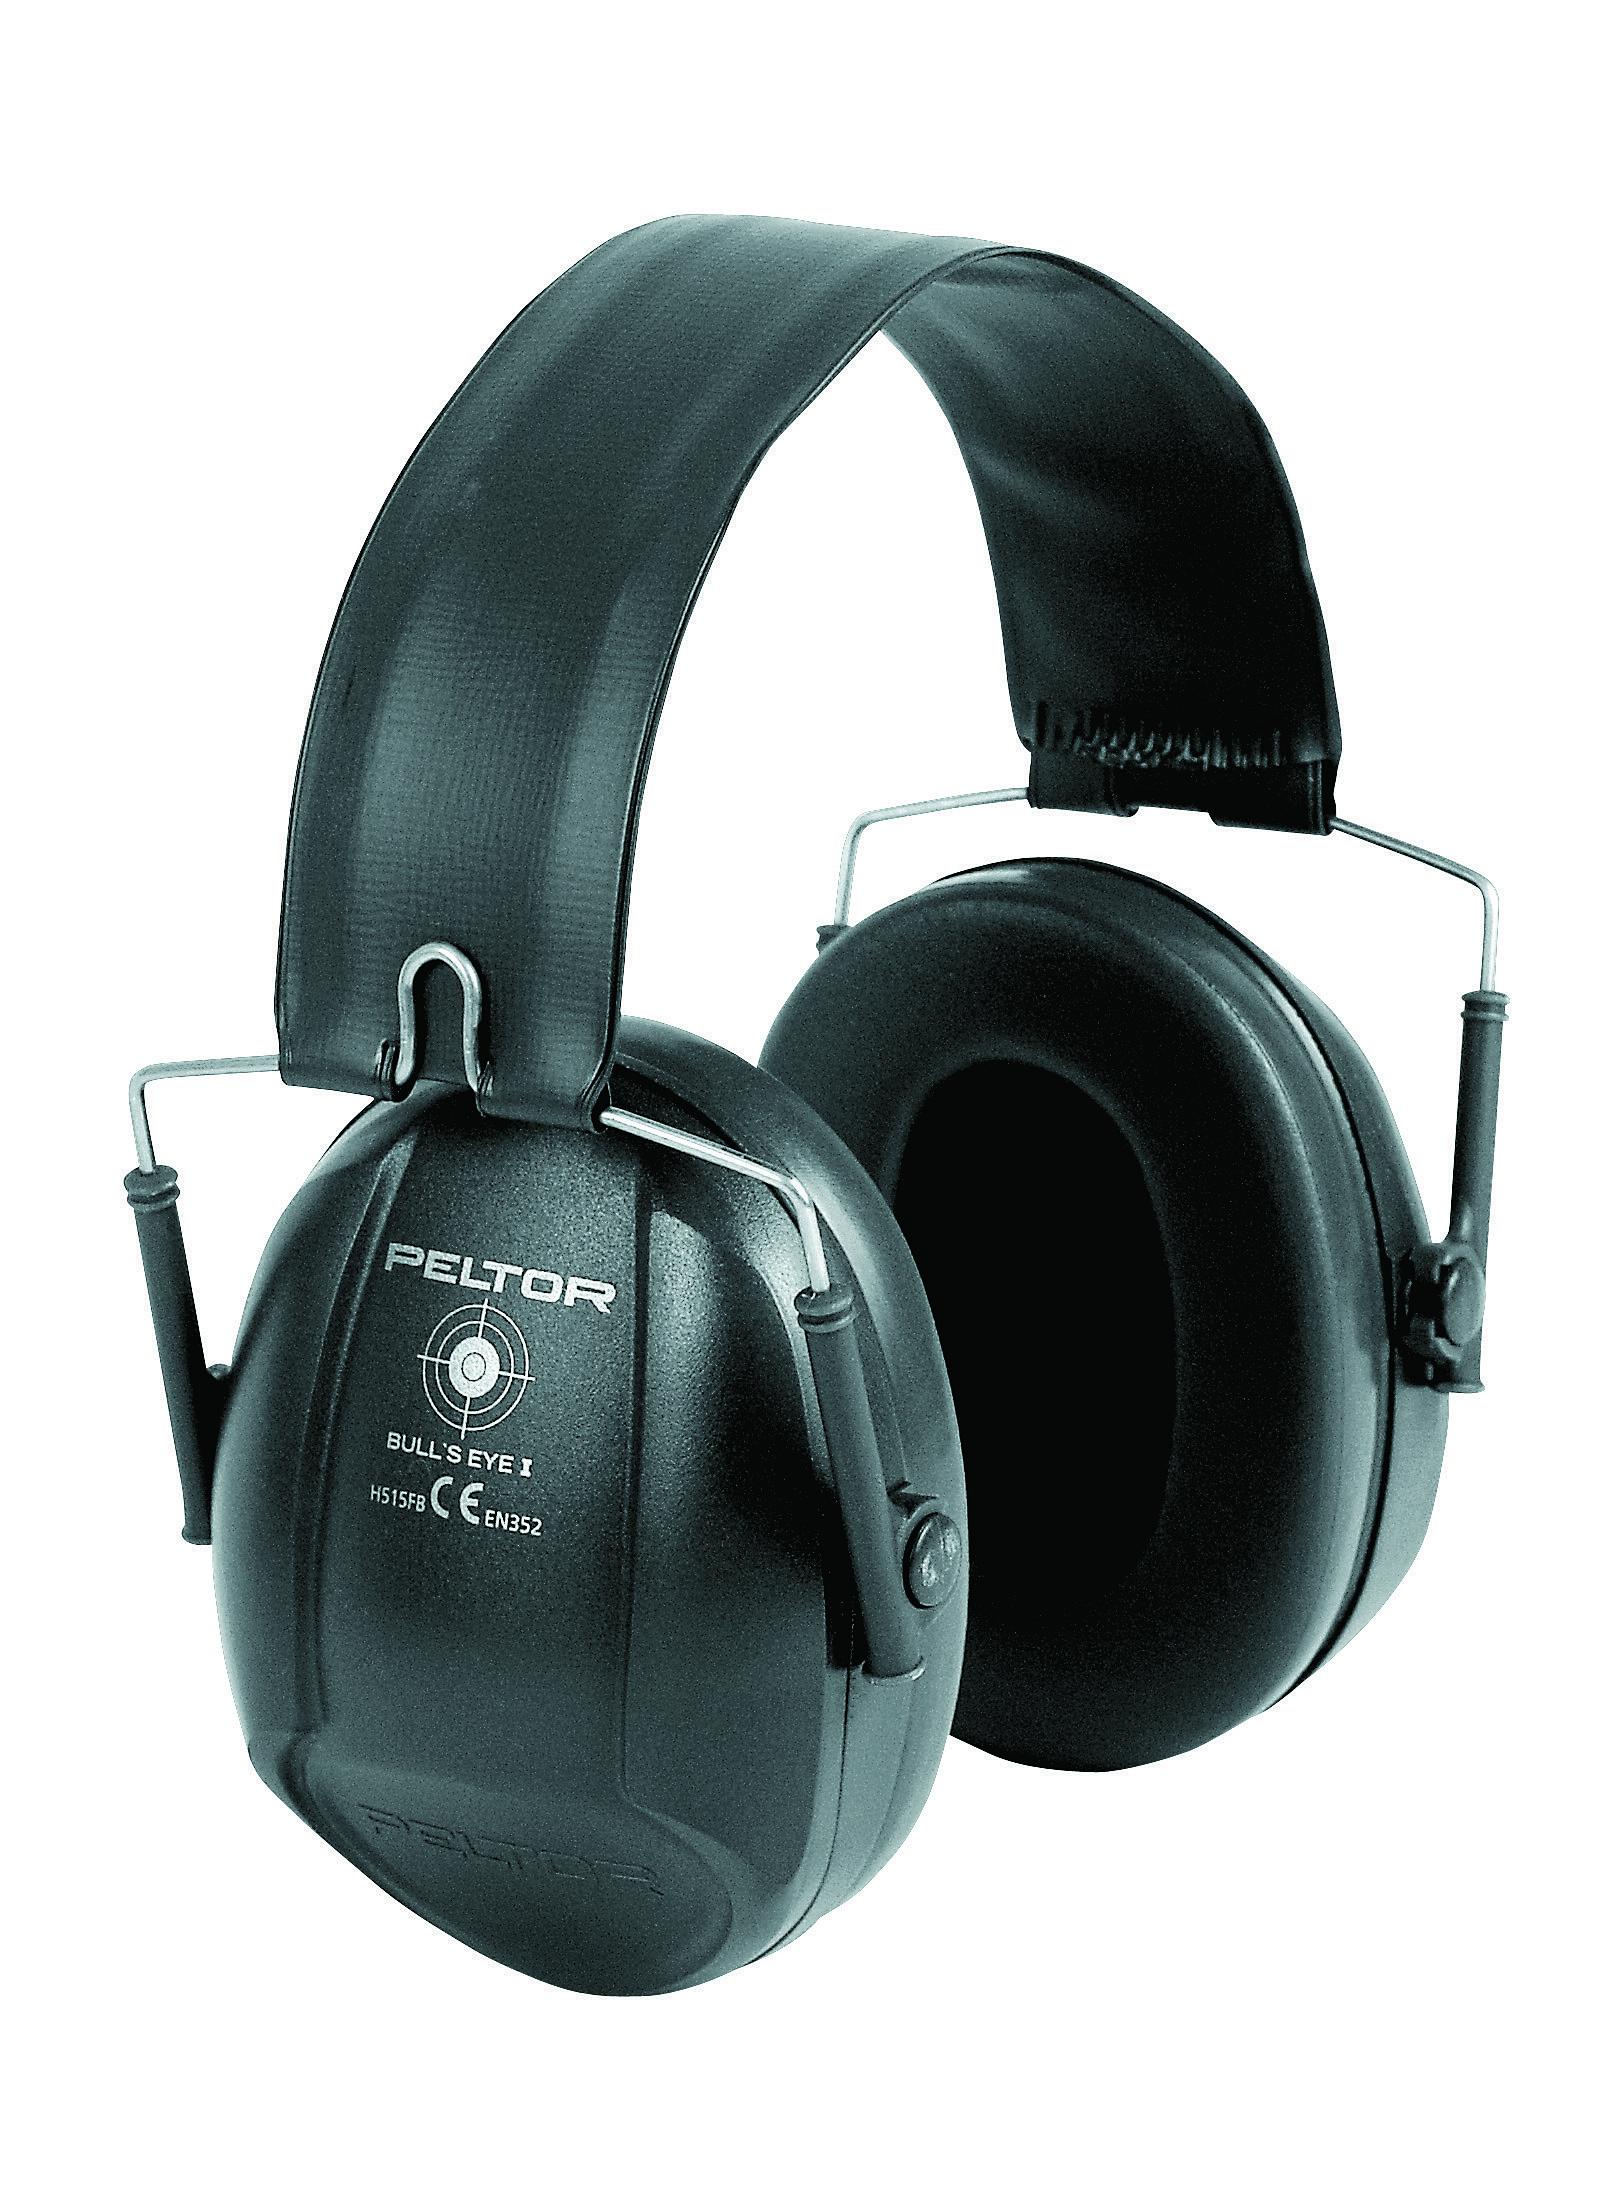 H515FB-Chránič sluchu peltor skládací černé 48226 27dB